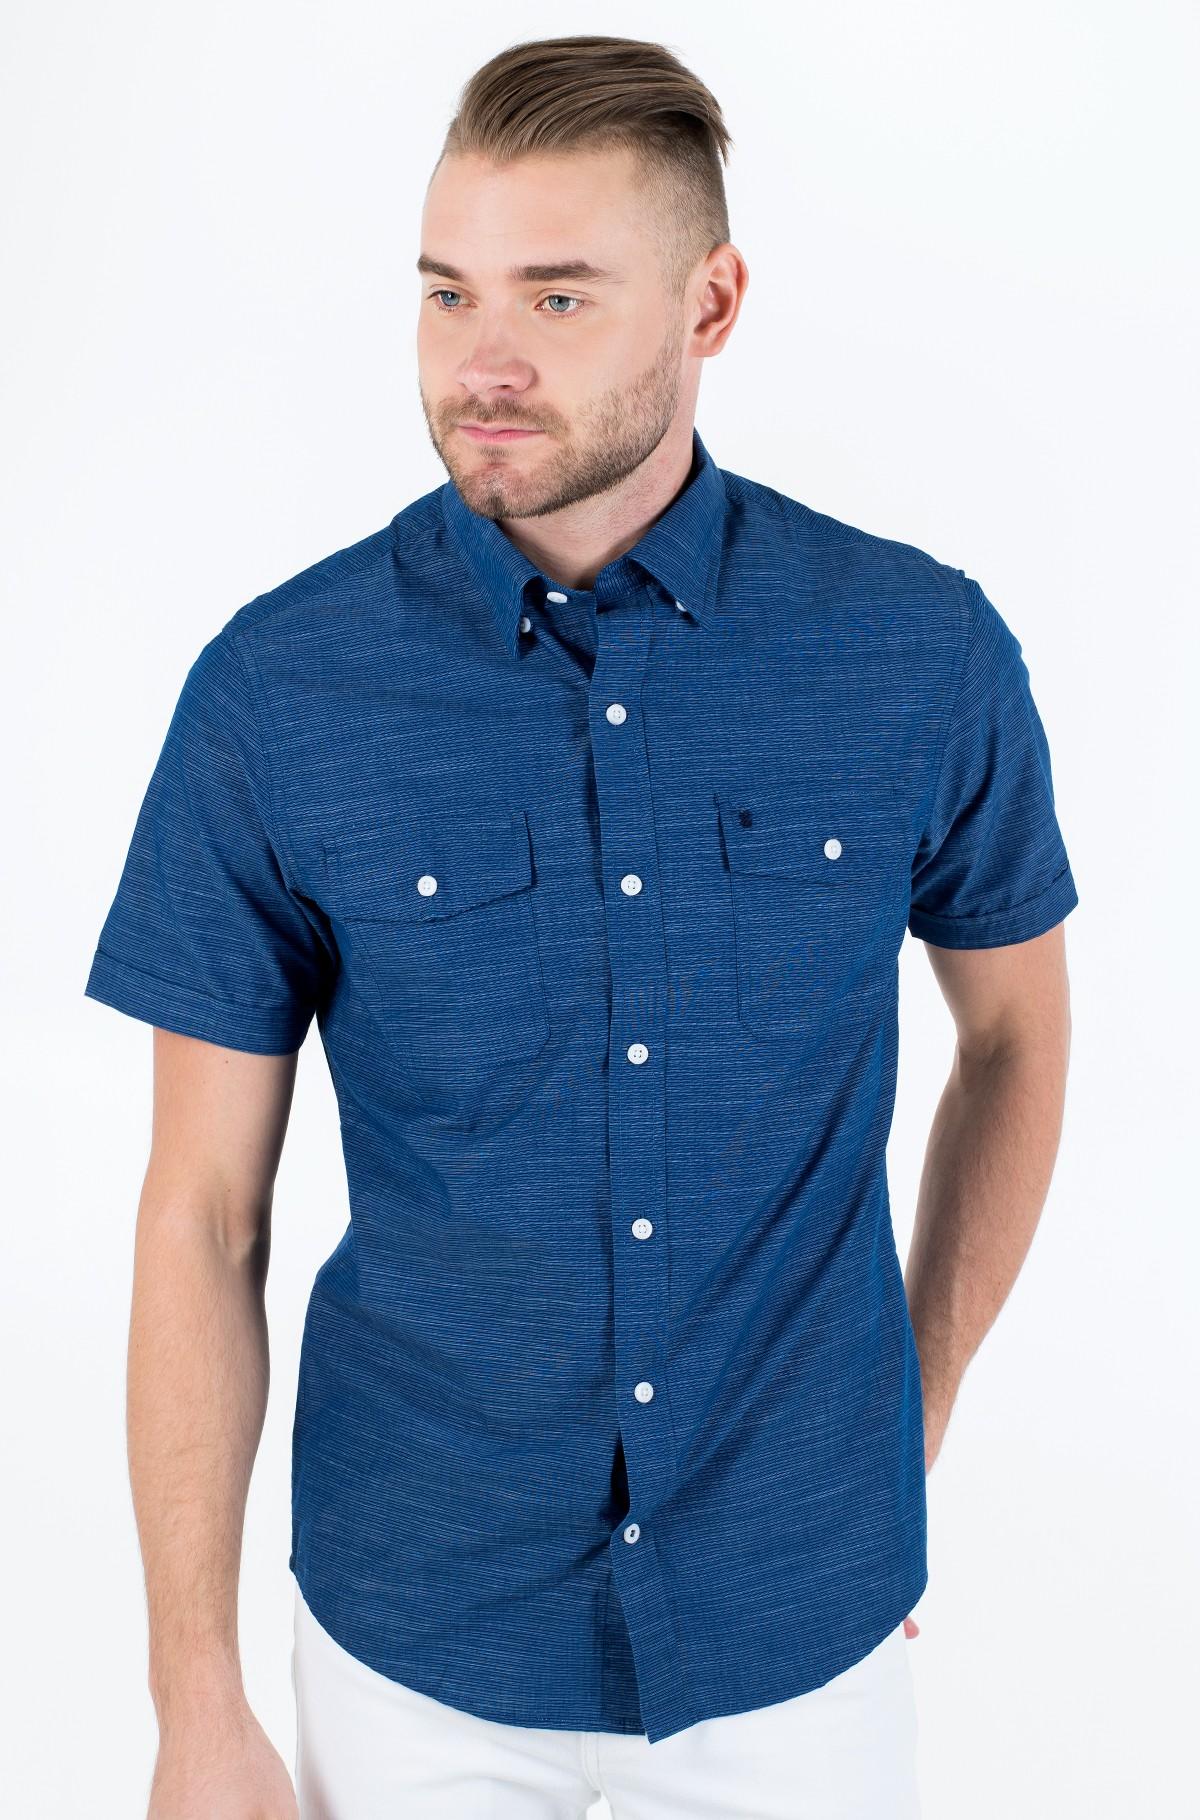 Marškiniai su trumpomis rankovėmis WASHED DOBBY STRIPE SS SHIRT-full-1